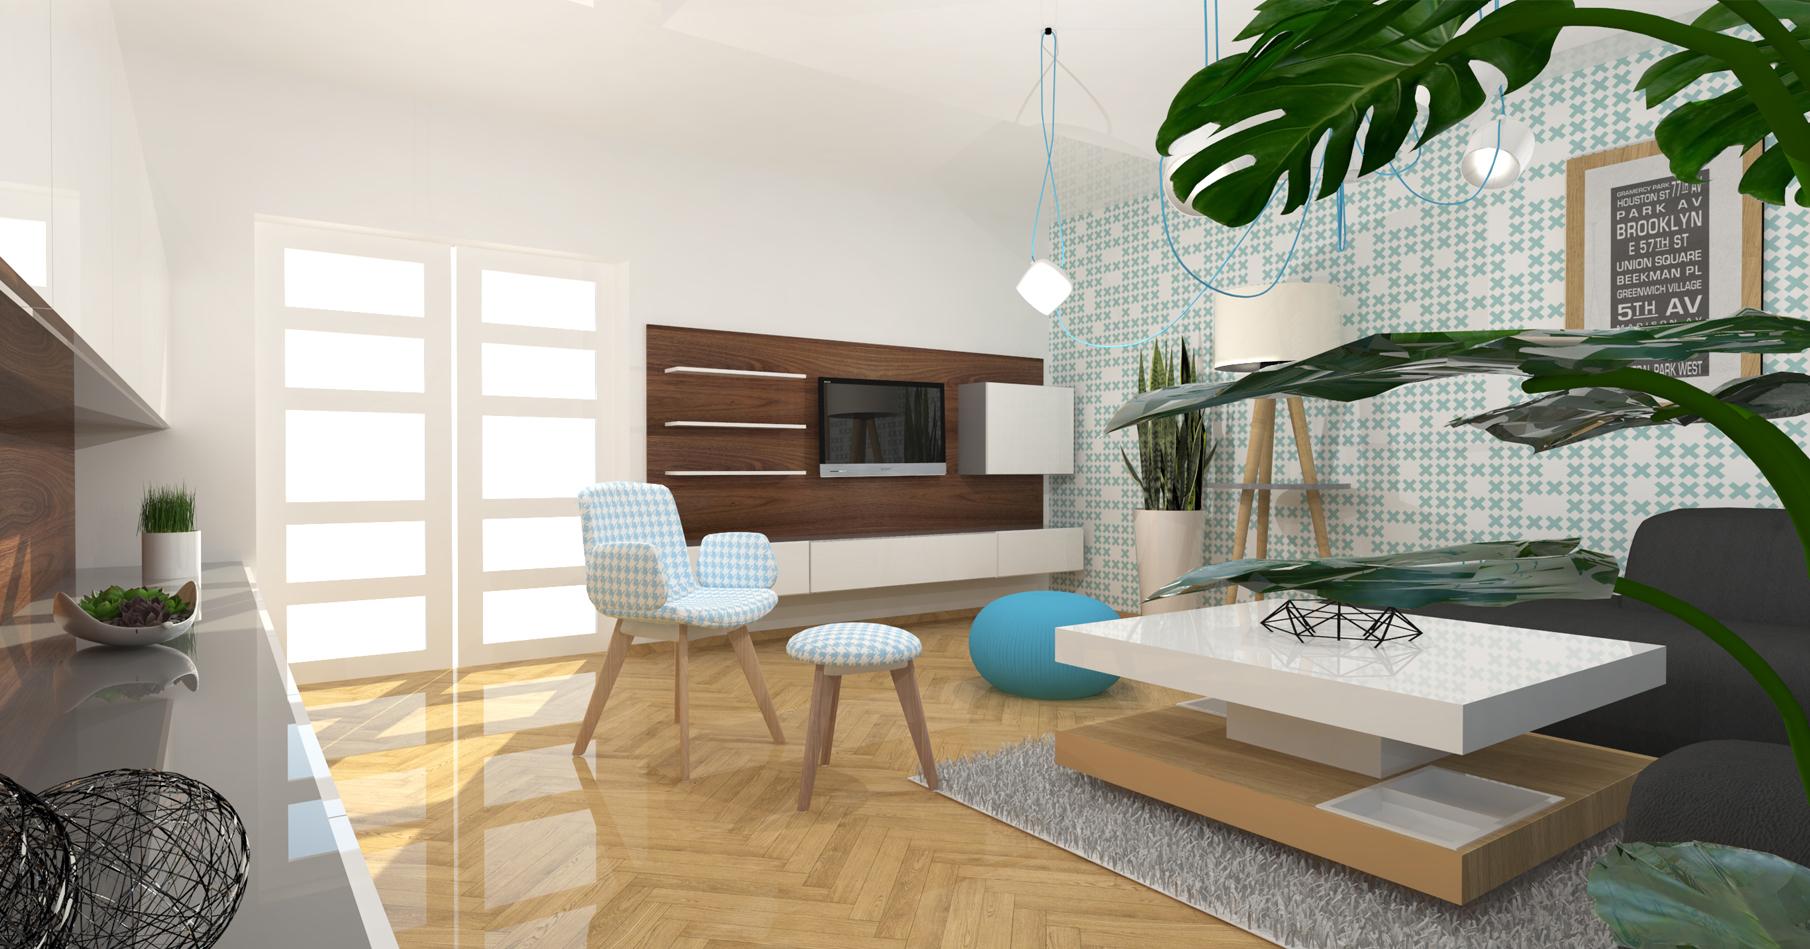 TRNOVÁ. obývací pokoj v retro stylu